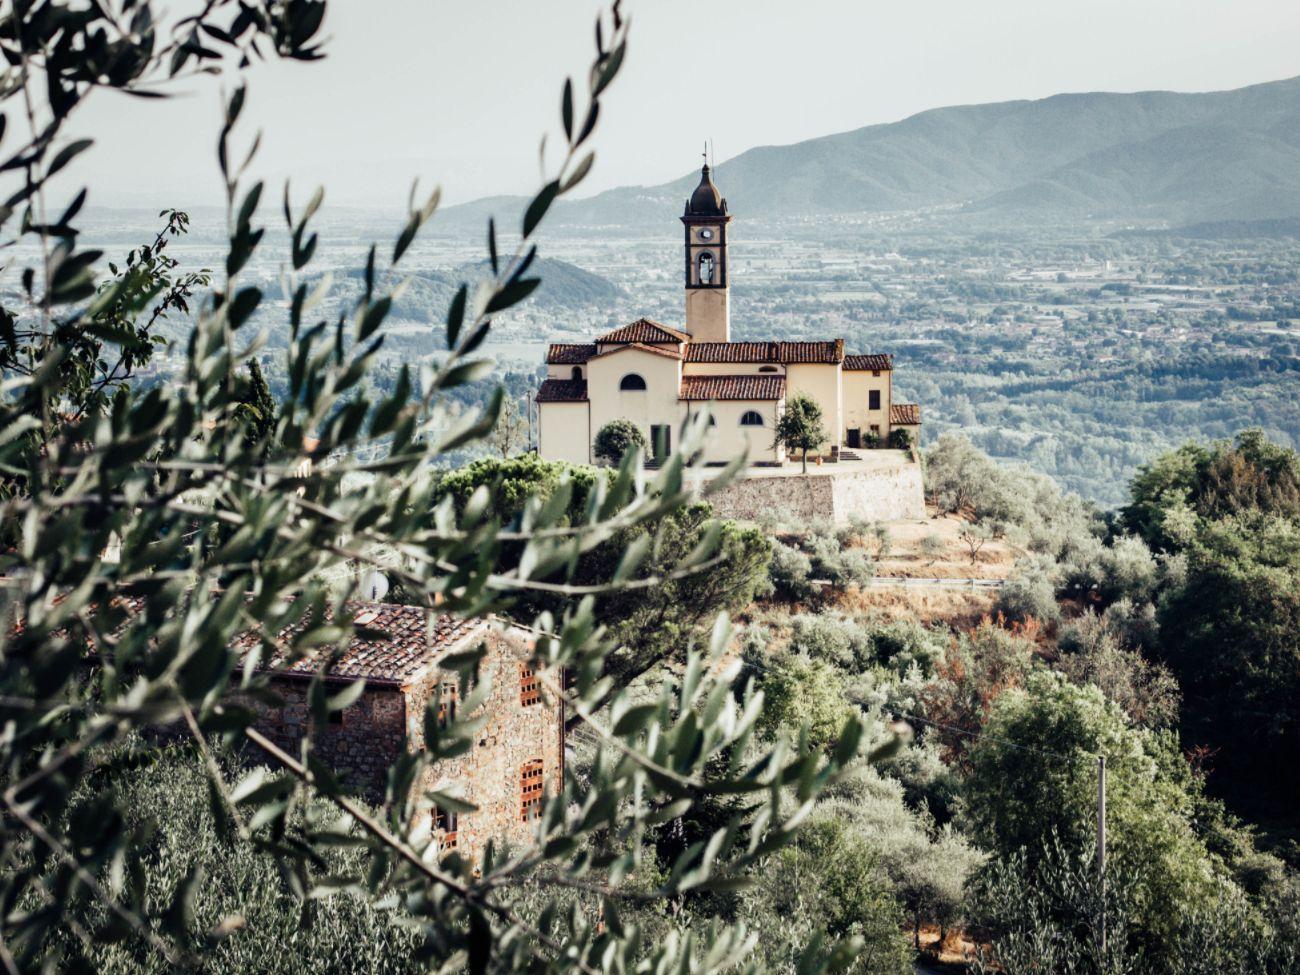 Tofori-Lucca